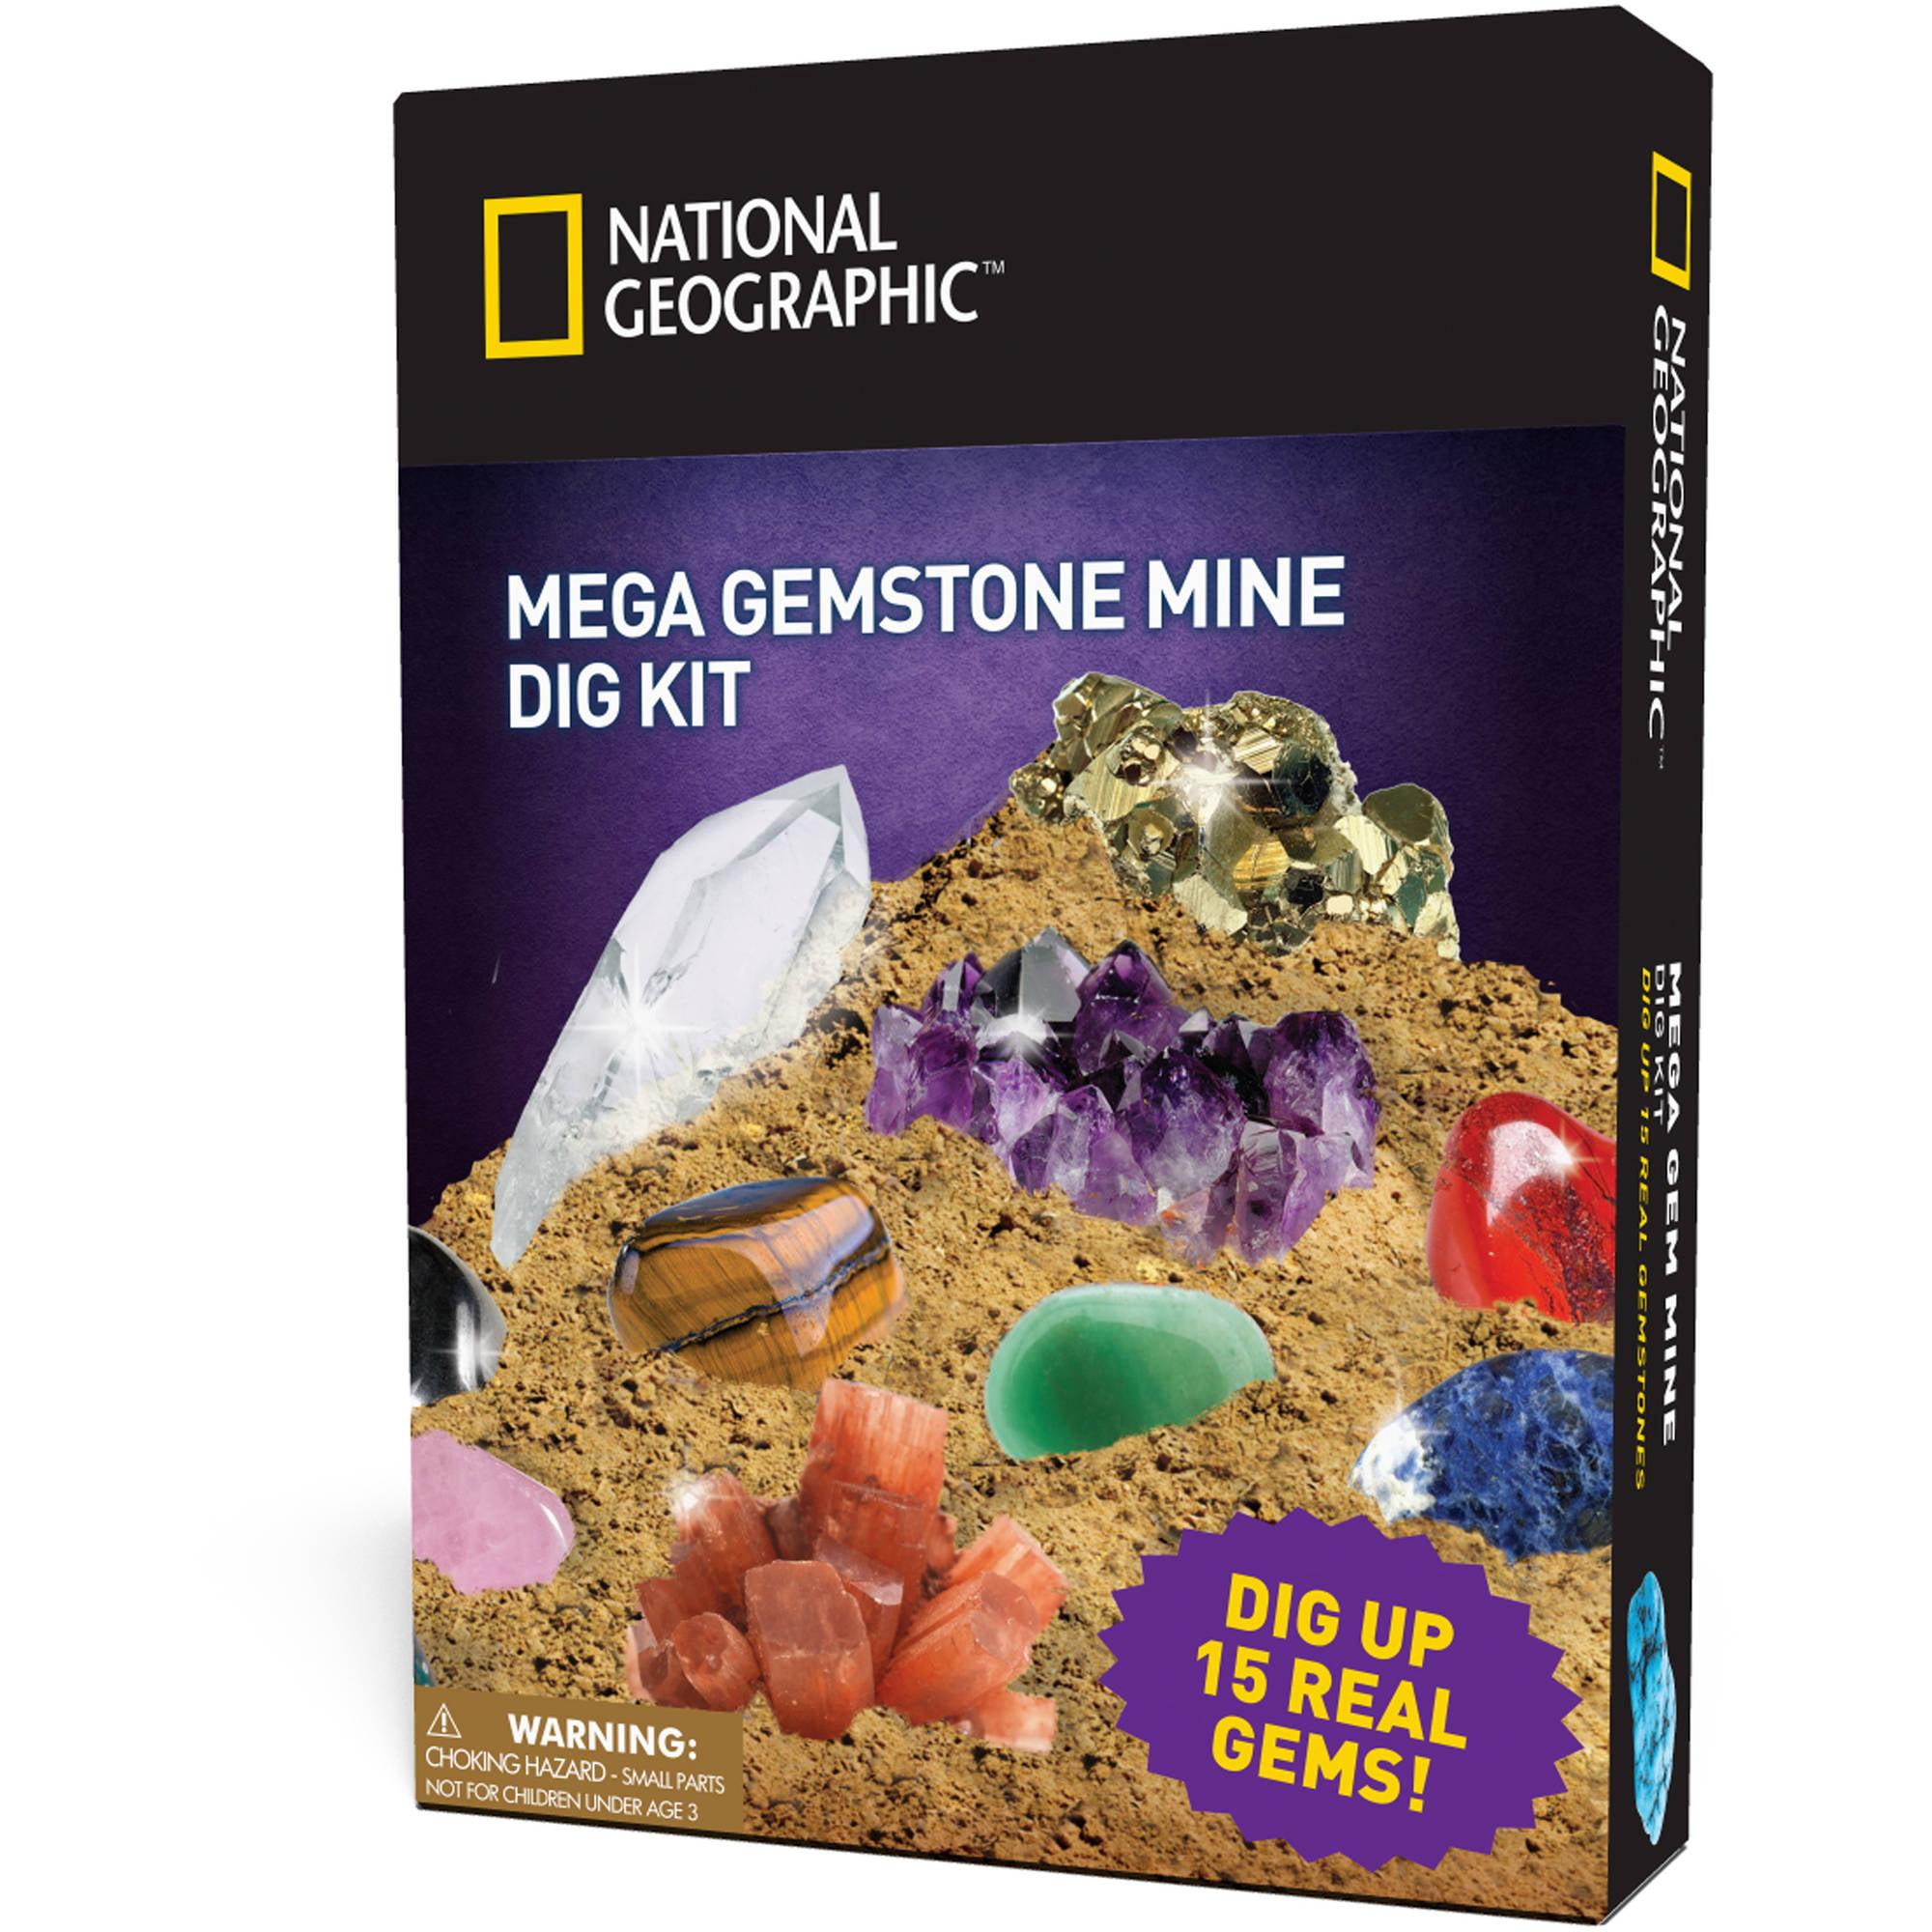 National Geographic Super Gemstone Dig Kit - Walmart.com